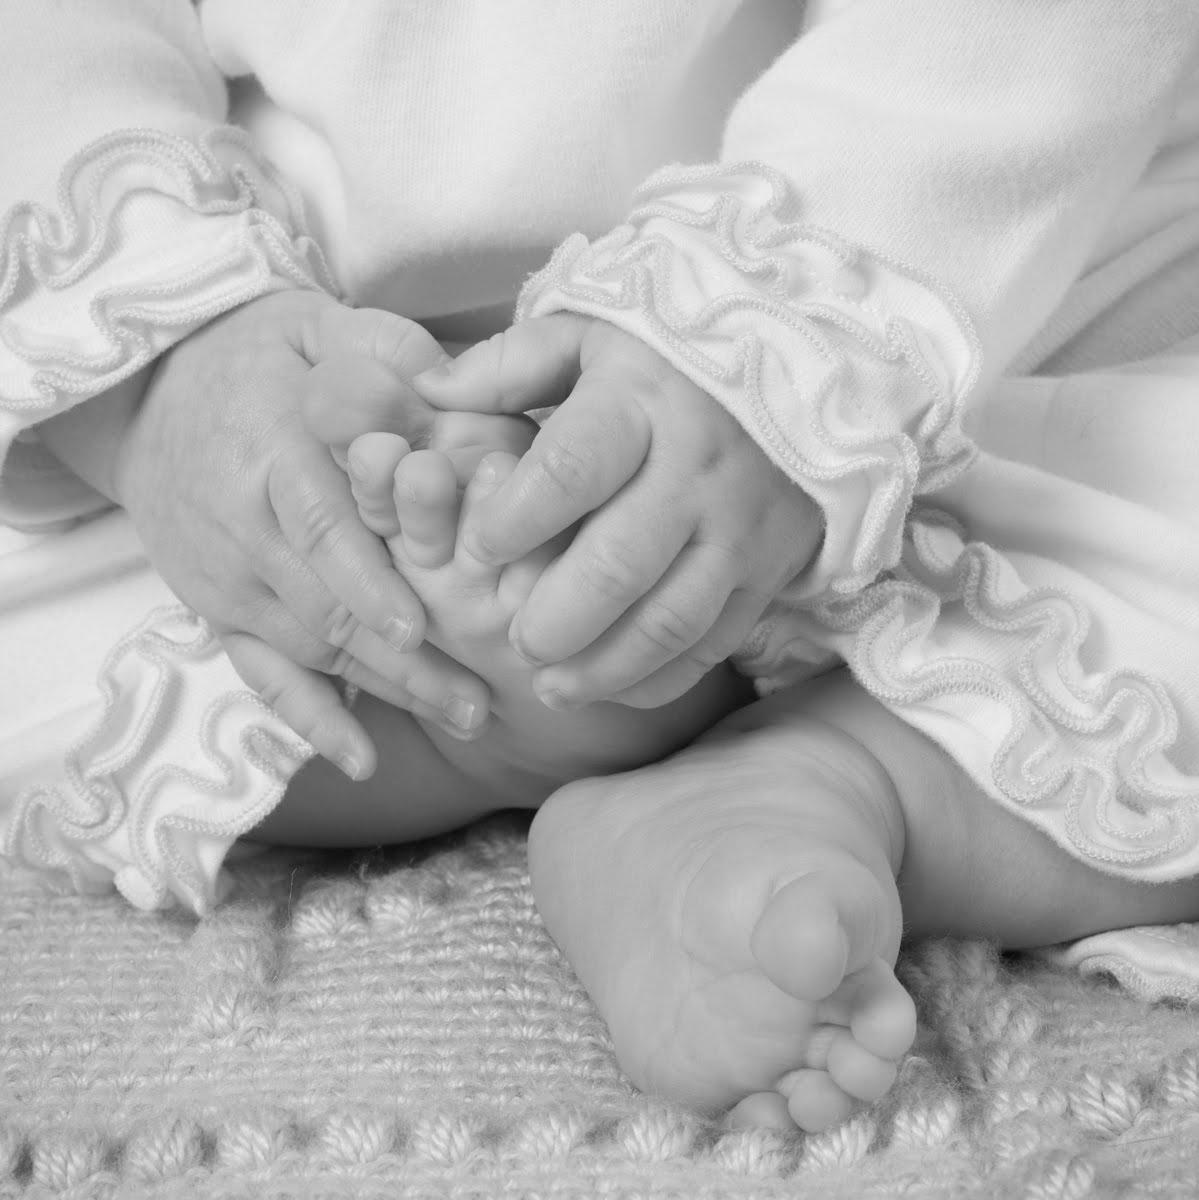 Сладкие пальчики ног 13 фотография